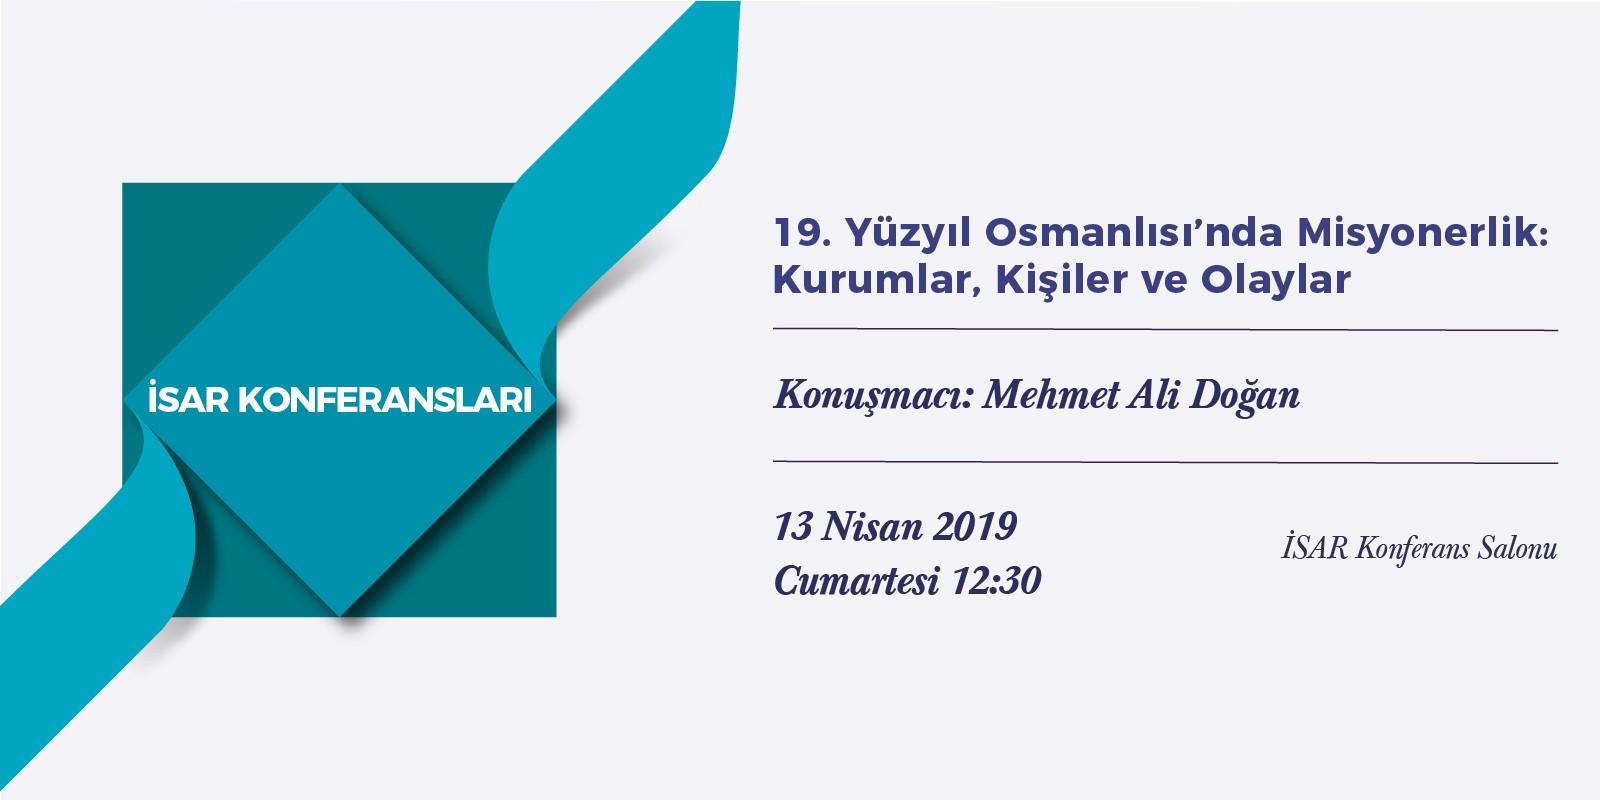 """19. Yüzyıl Osmanlısı'nda Misyonerlik: Kurumlar, Kisiler ve Olaylar"""""""